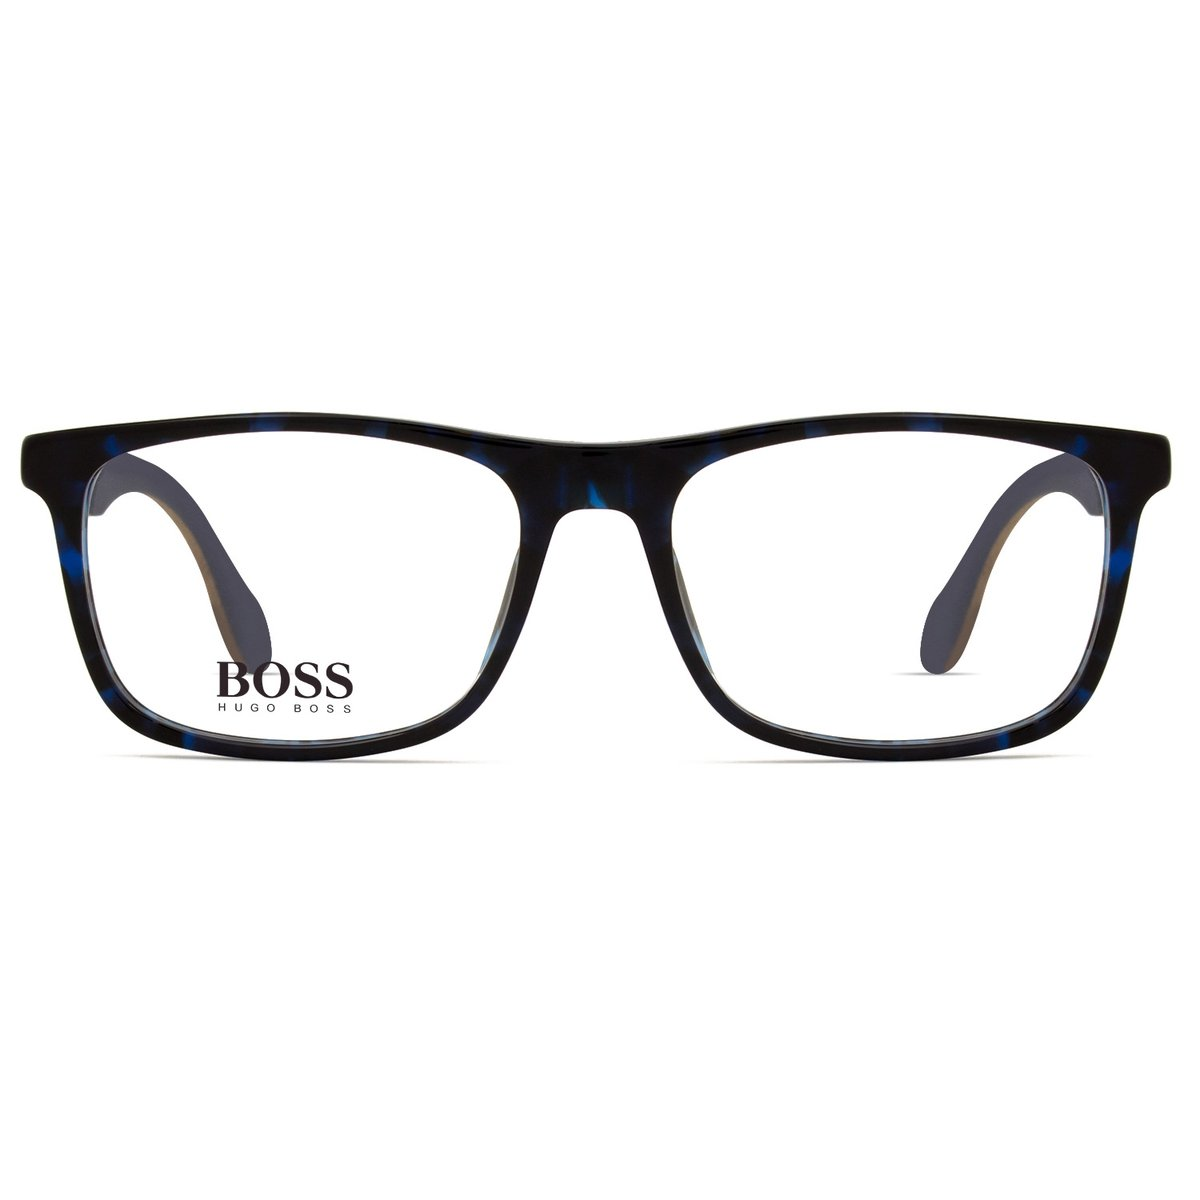 629dc96b934c5 Armação de Óculos de Grau Hugo Boss BOSS779 RAK17-54 - Compre Agora    Zattini